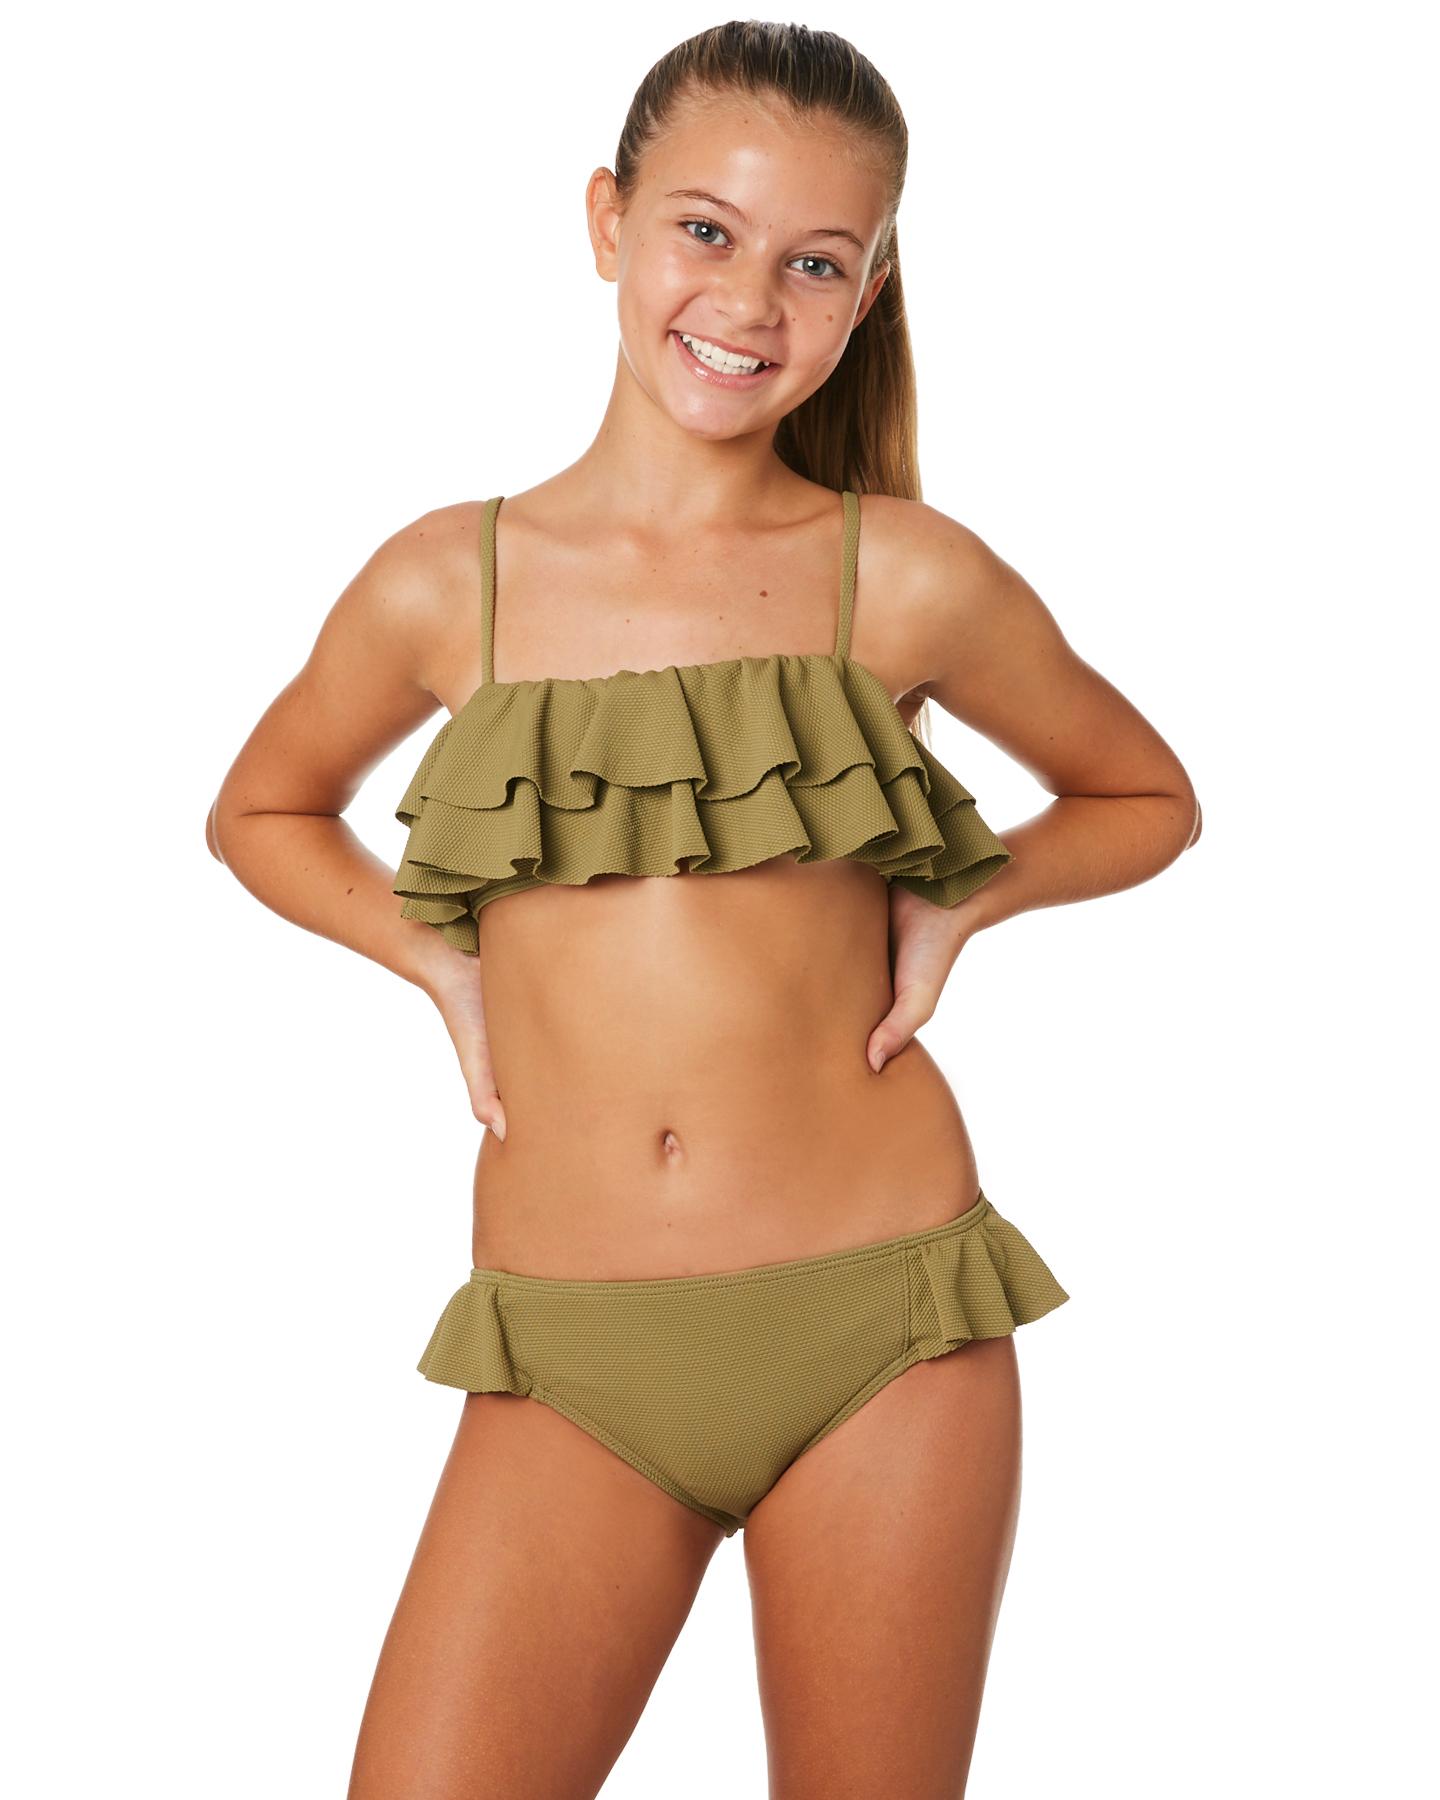 teen models sites